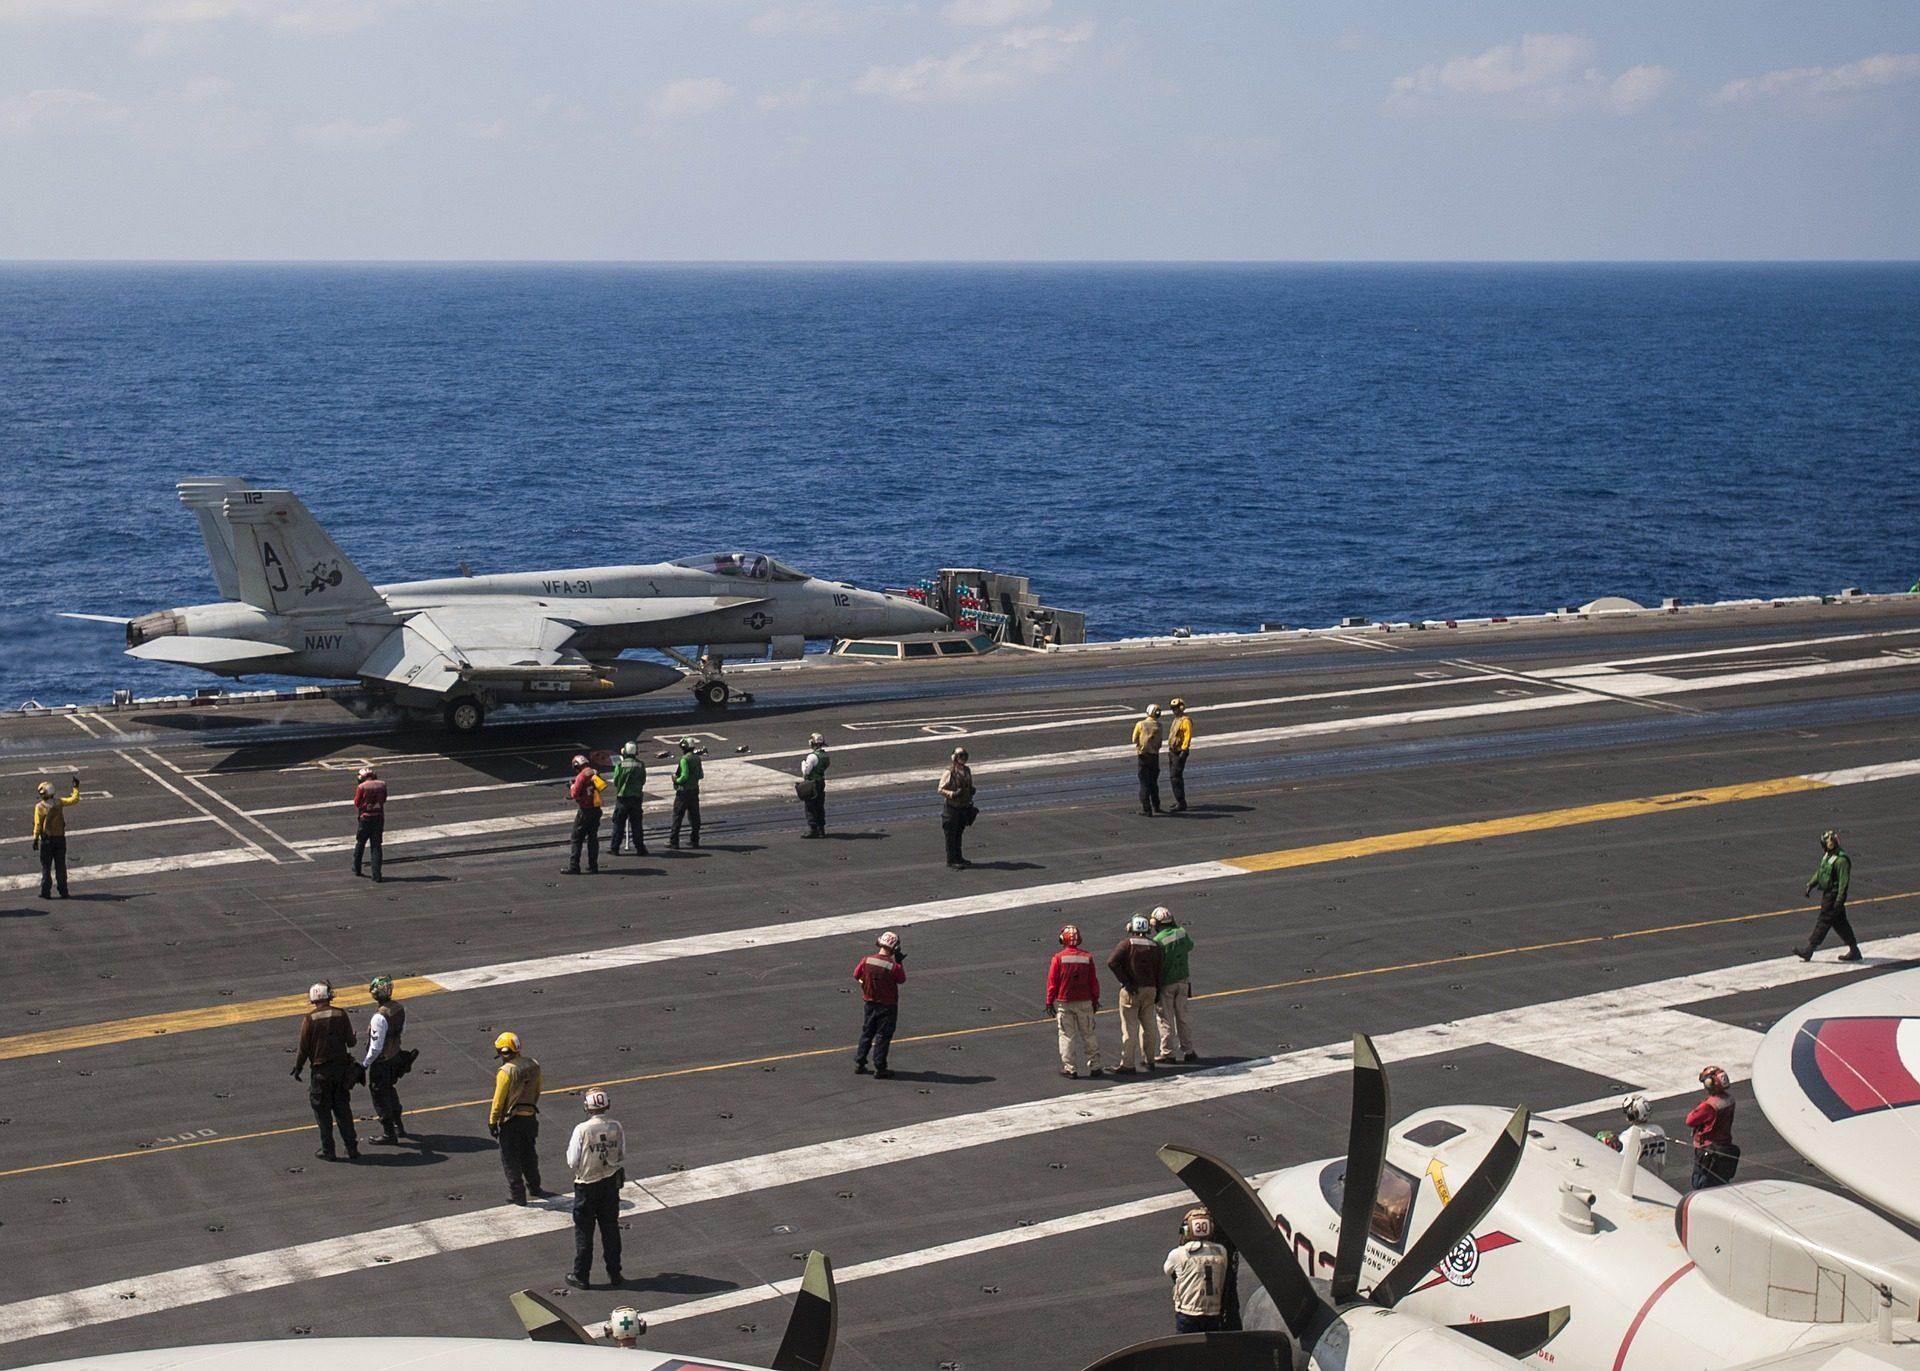 αεροπλανοφόρο, αεροσκάφη, φορείς εκμετάλλευσης, Πολεμικό Ναυτικό, μαχητής - Wallpapers HD - Professor-falken.com